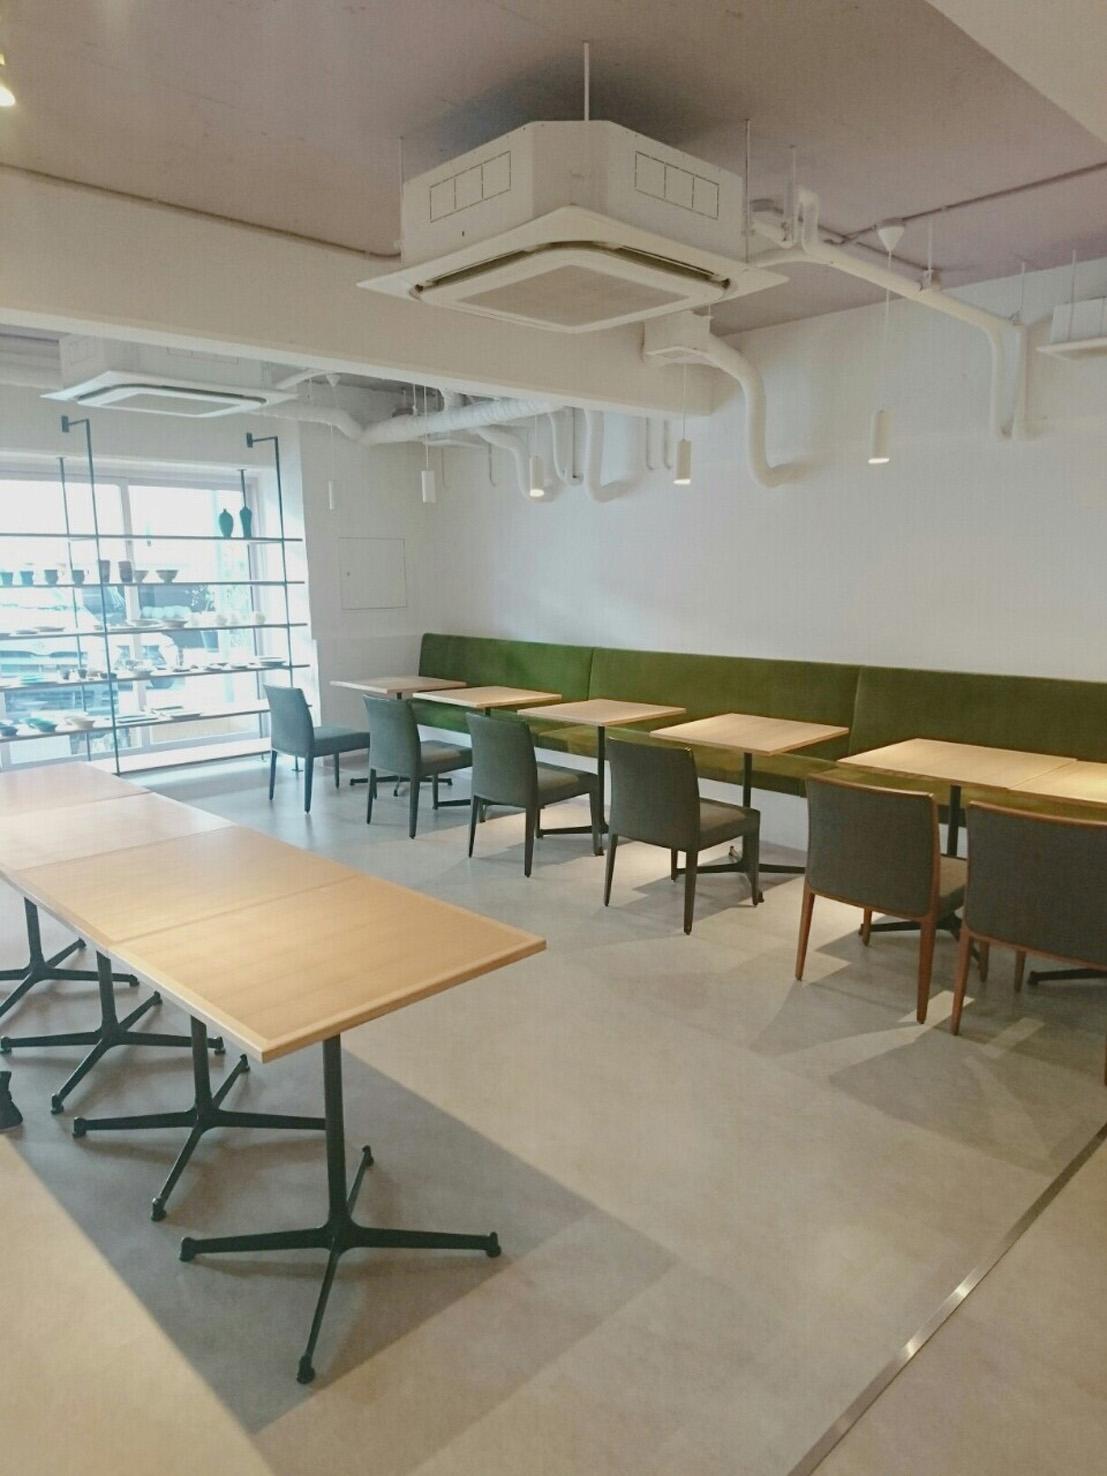 店舗デザイン インテリアデザイン shopdesign 作家story 名古屋 本山 東京 横浜 杉並区